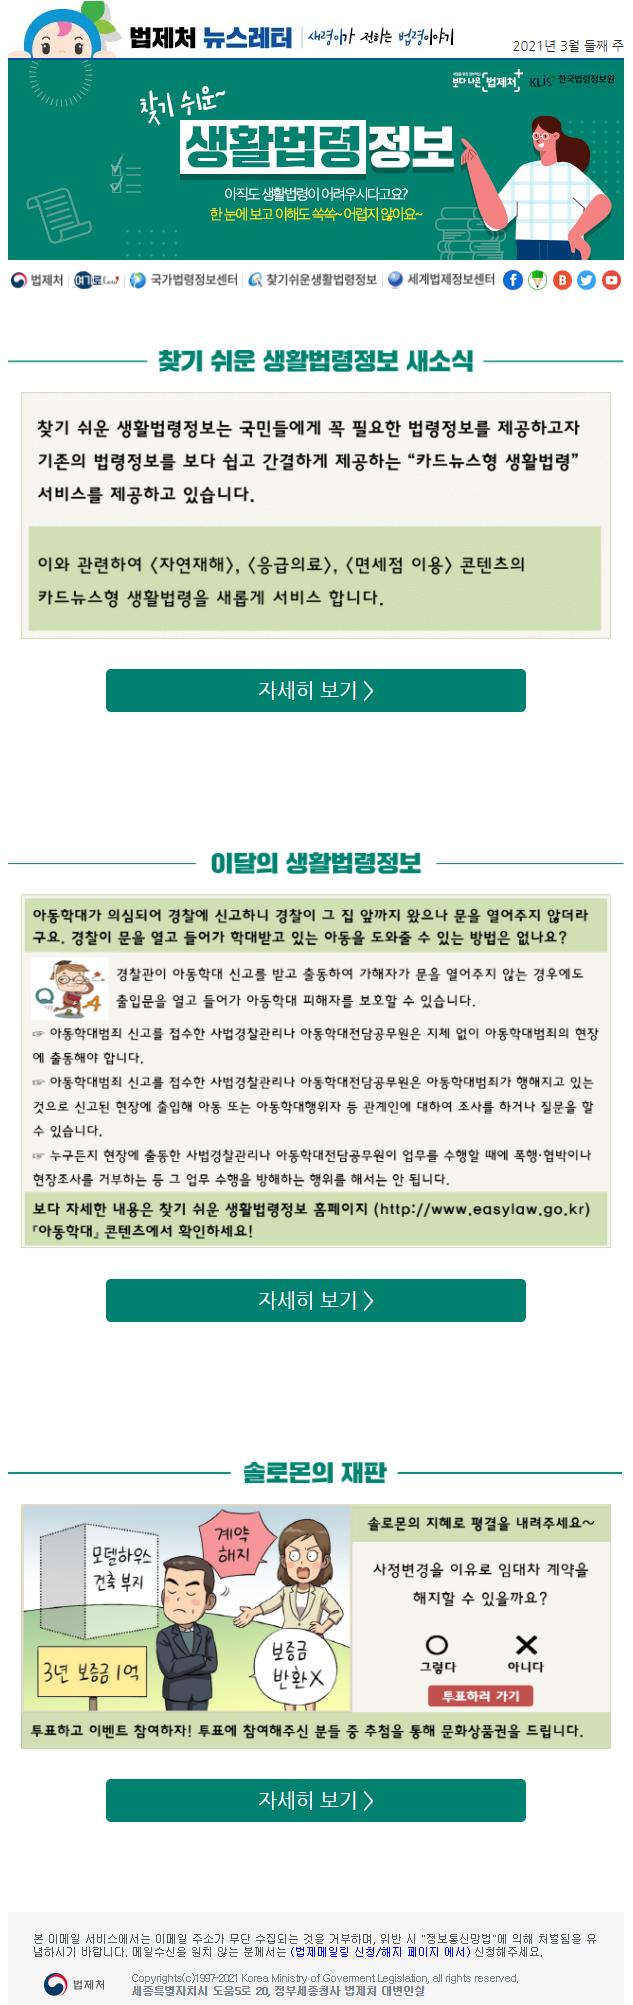 2021년 3월 찾기 쉬운 생활법령정보 뉴스레터